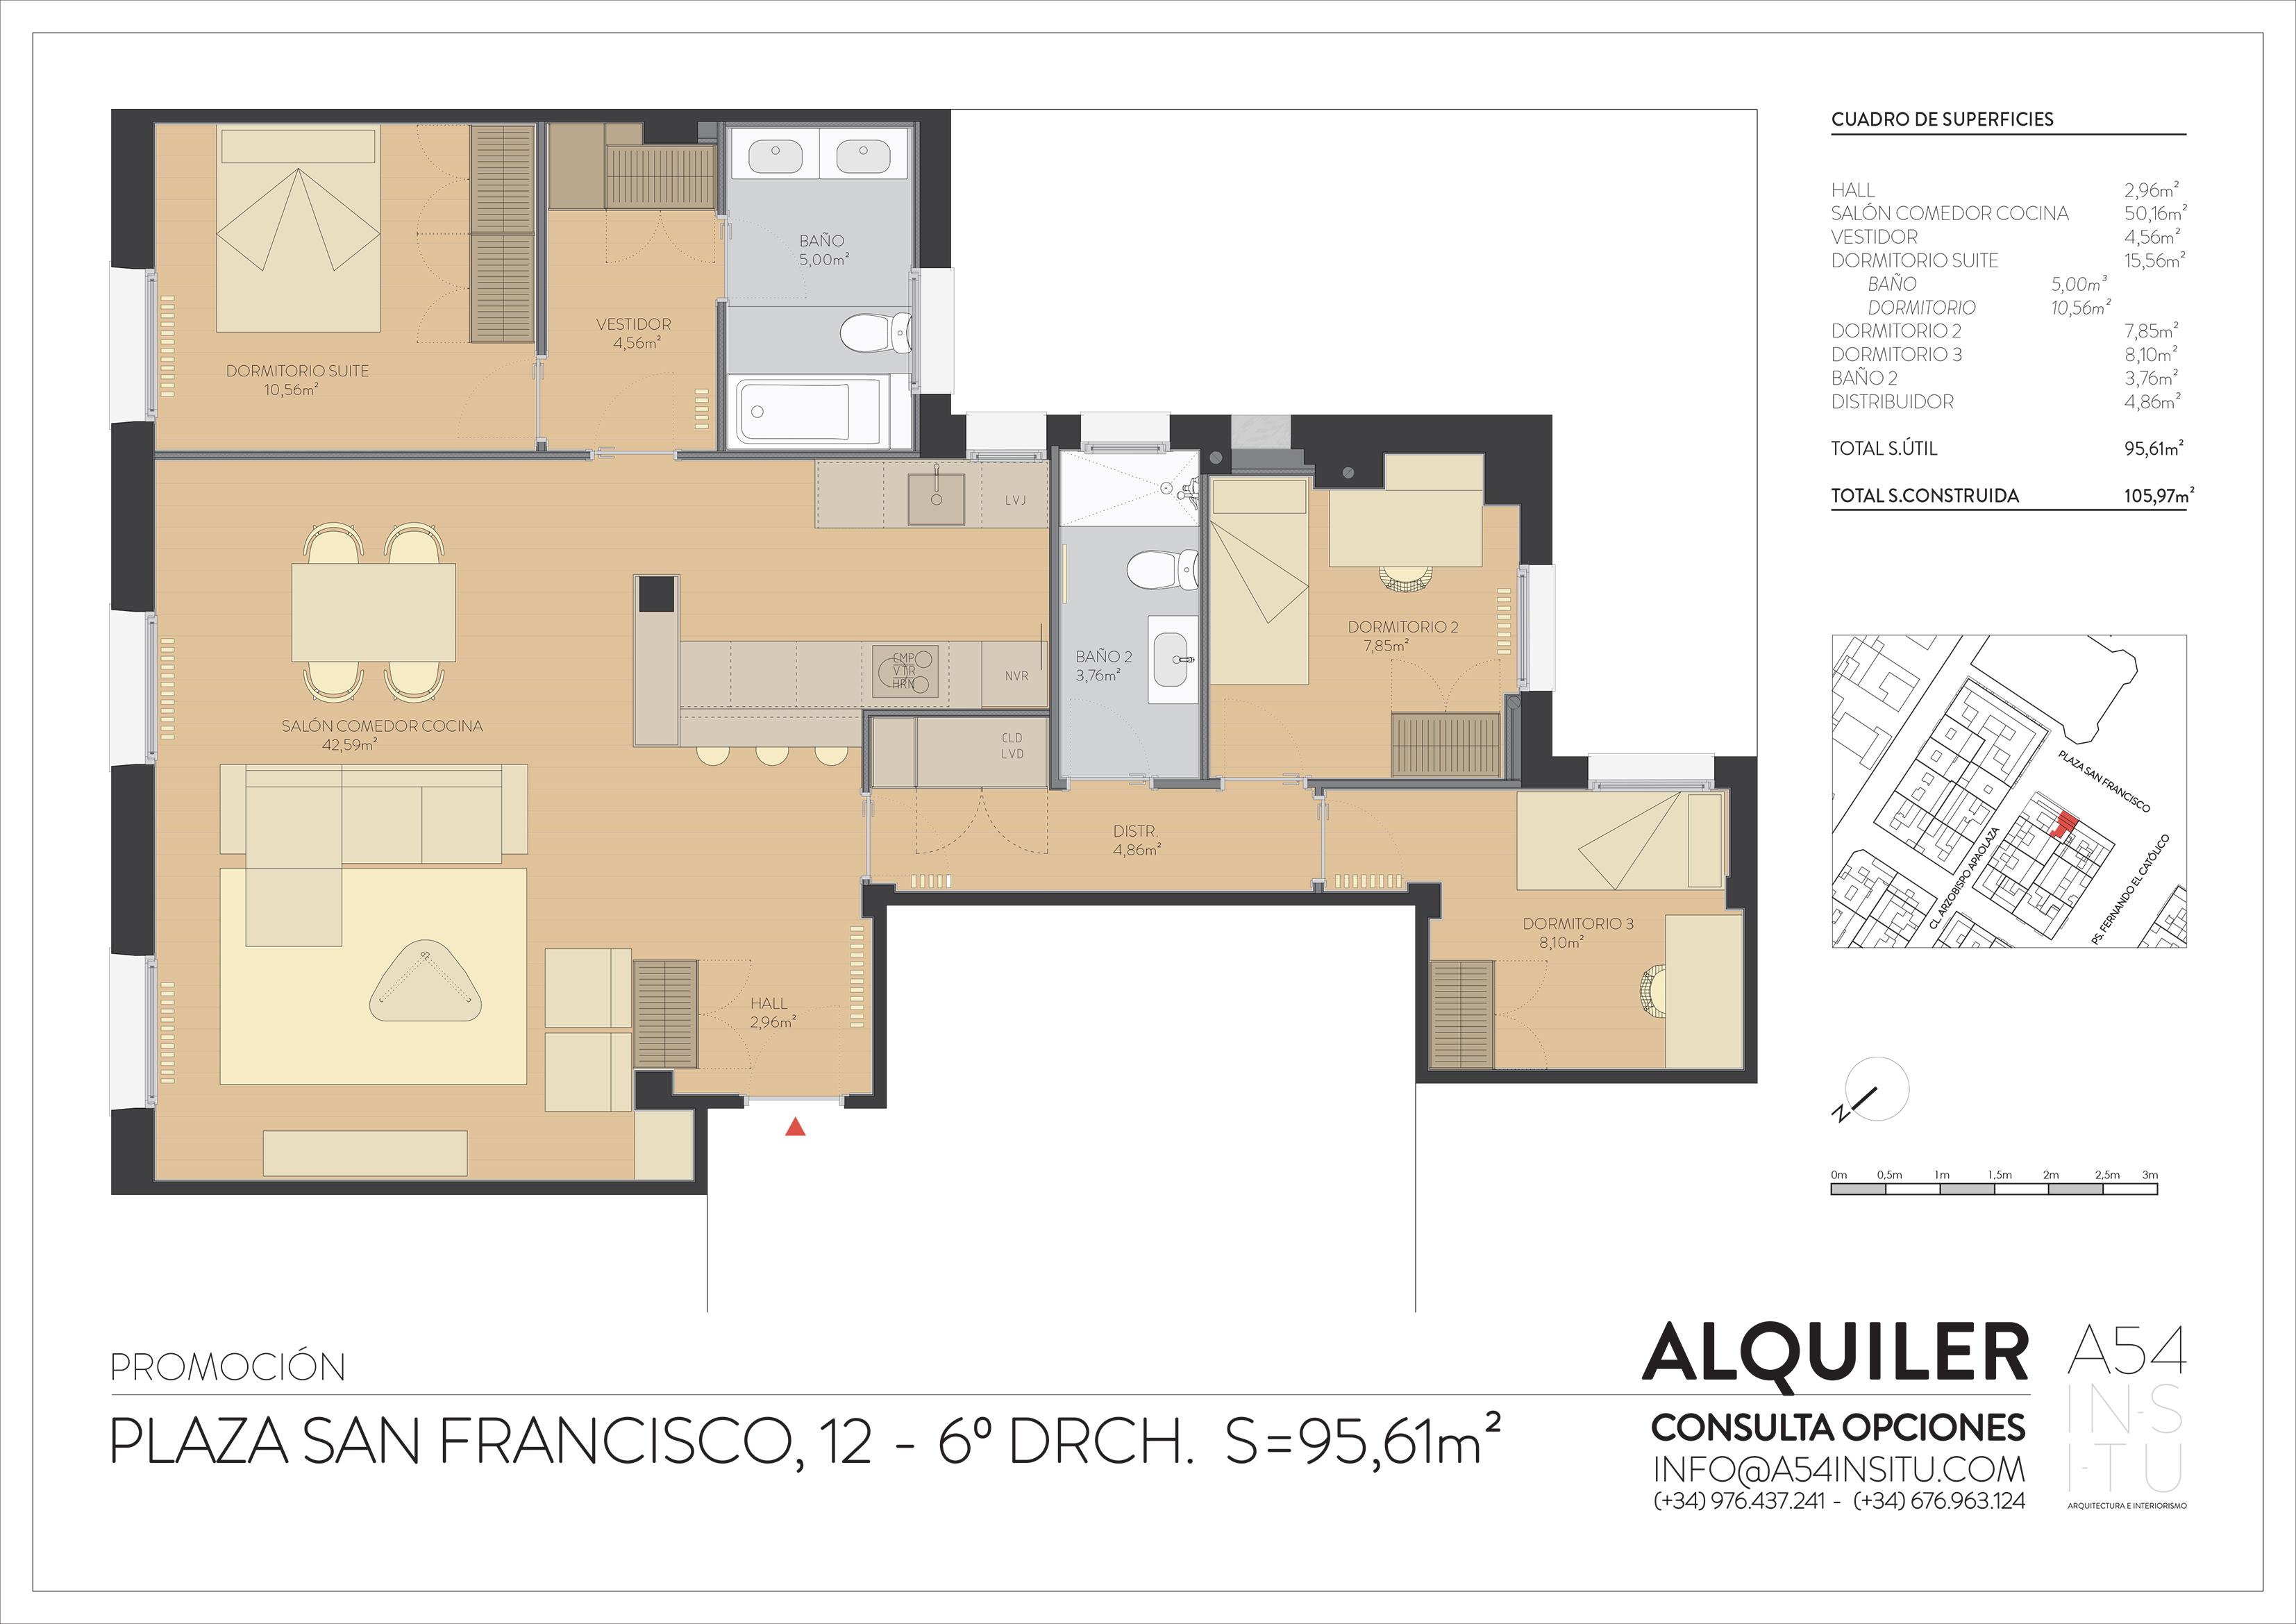 en alquiler reforma integral de vivienda en Plaza San Francisco laves en mano A54insitu arquitectura y diseño zaragoza